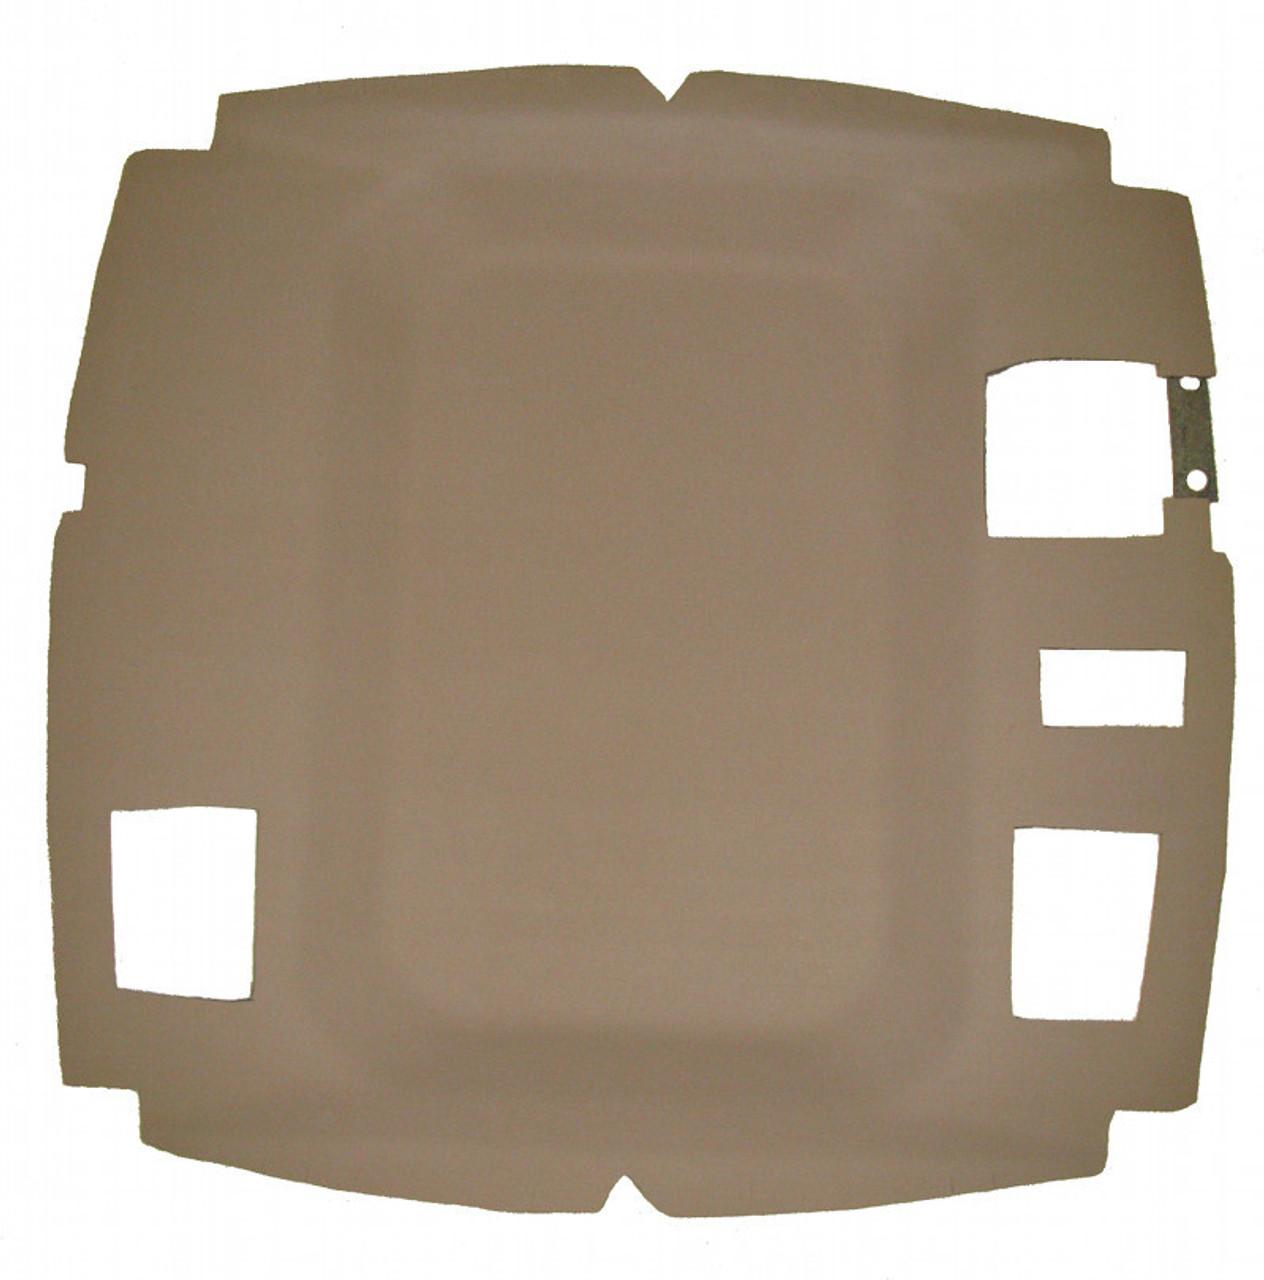 5420 headliner for john deere 6000 series tractor interior upholstery on john deere 6420 wiring diagram  [ 1264 x 1280 Pixel ]